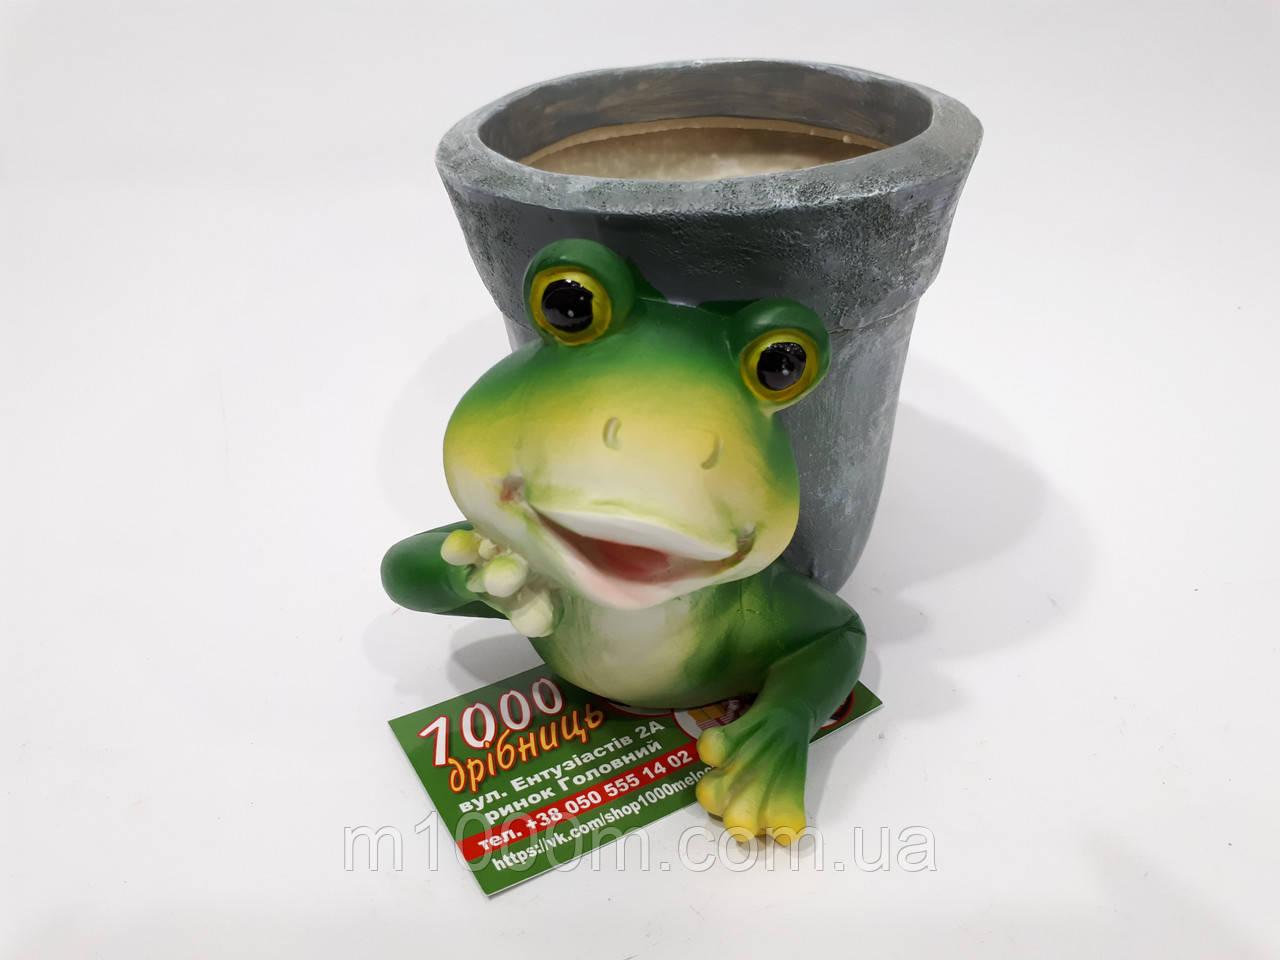 Кашпо лягушка К4.022